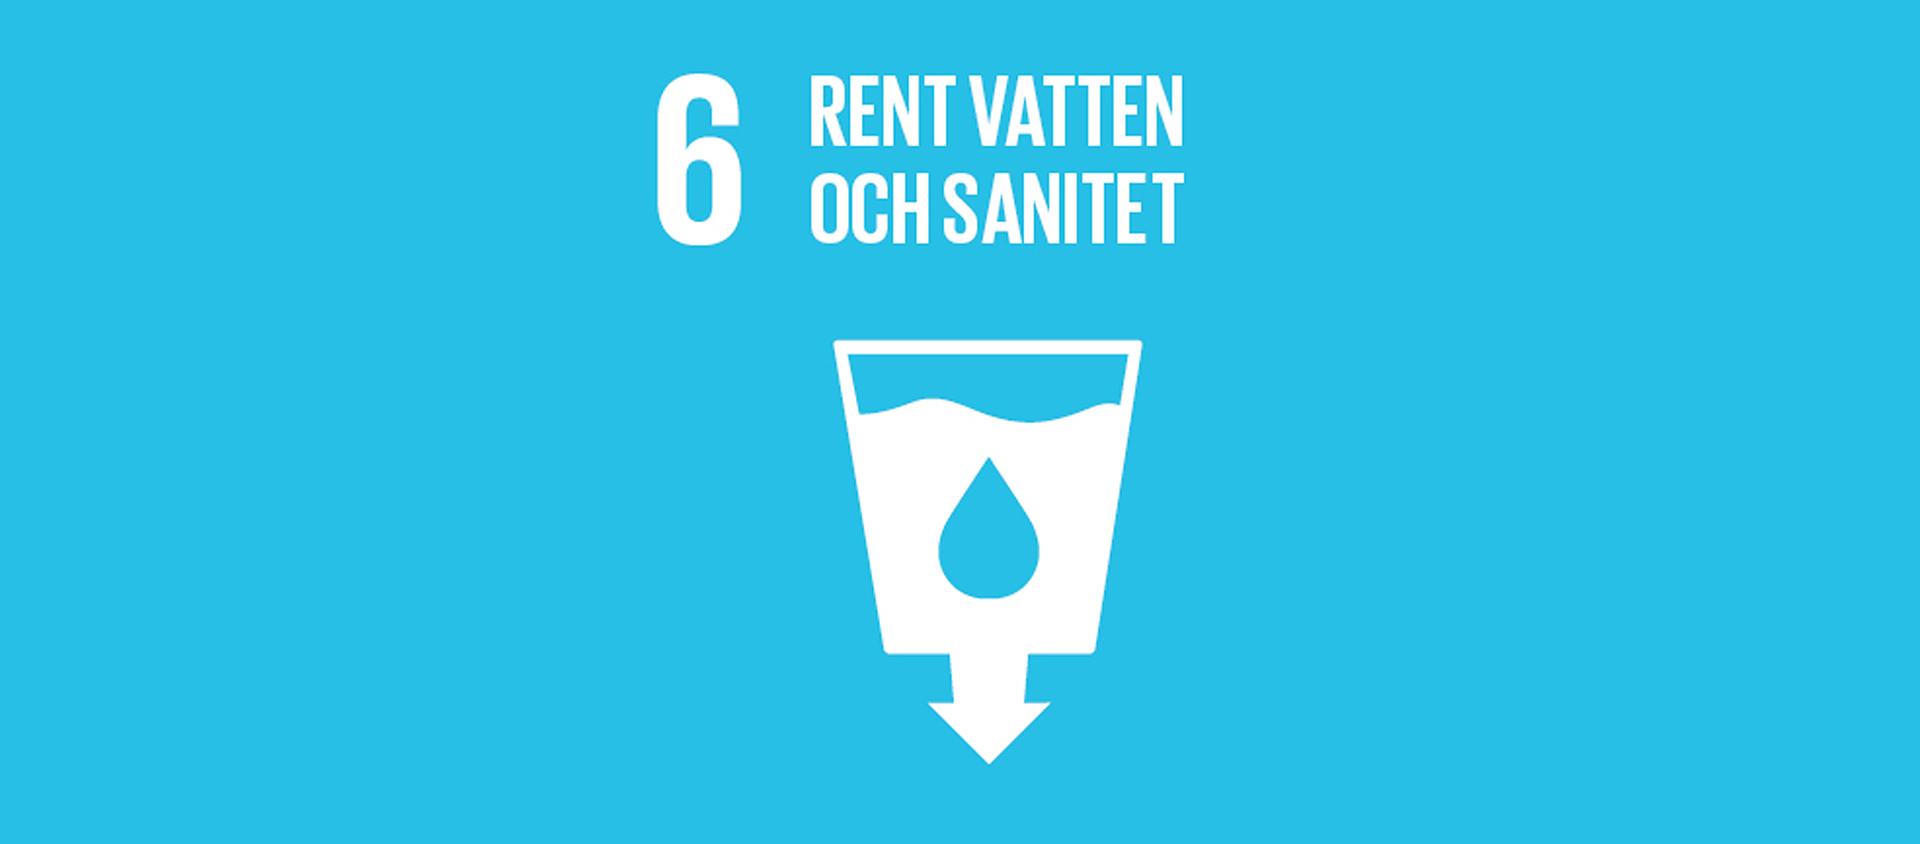 Globala målet 6 -Rent vatten och sanitet till alla